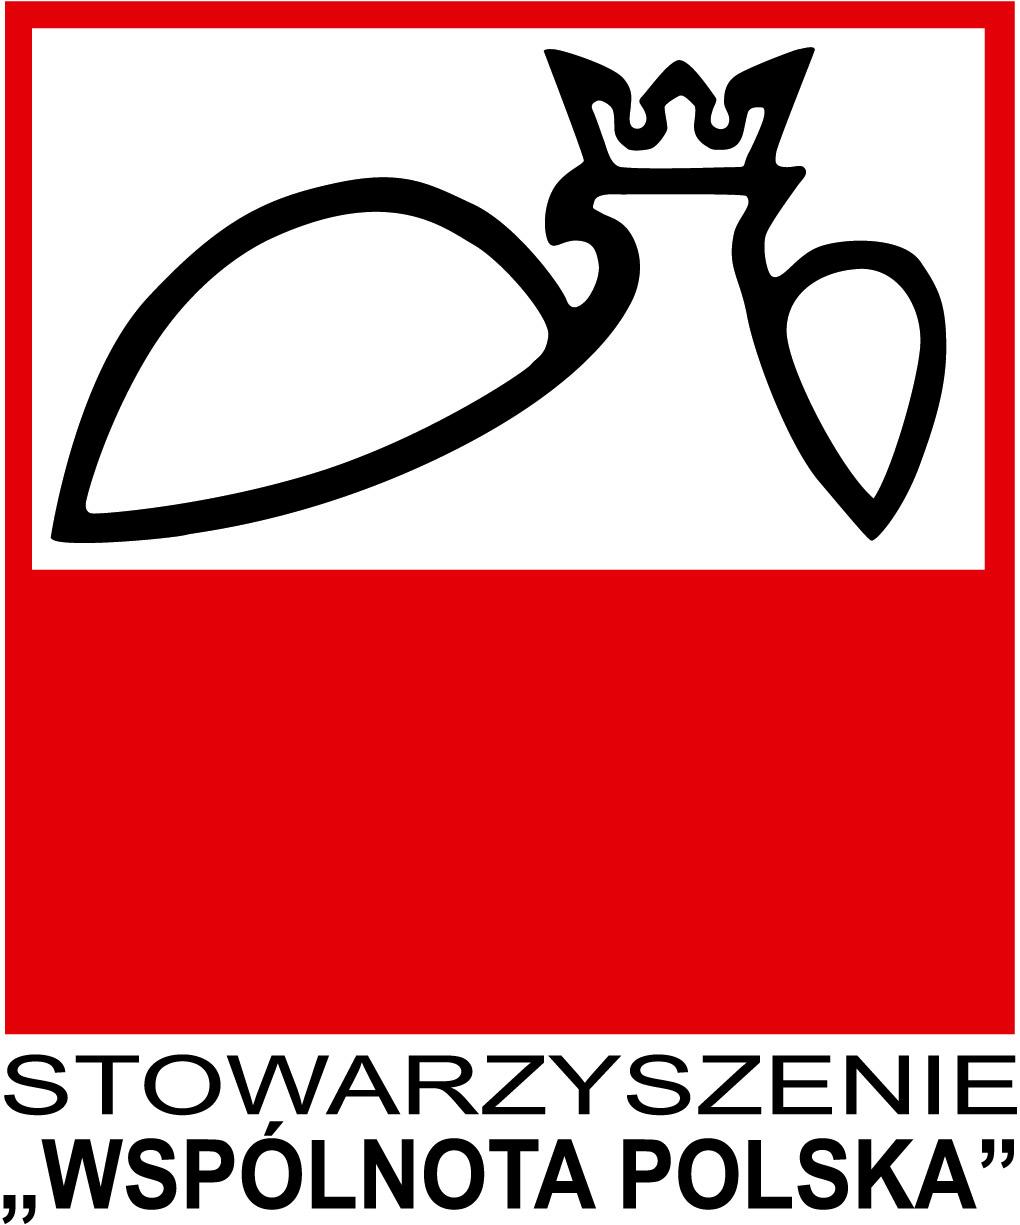 Польское содружество